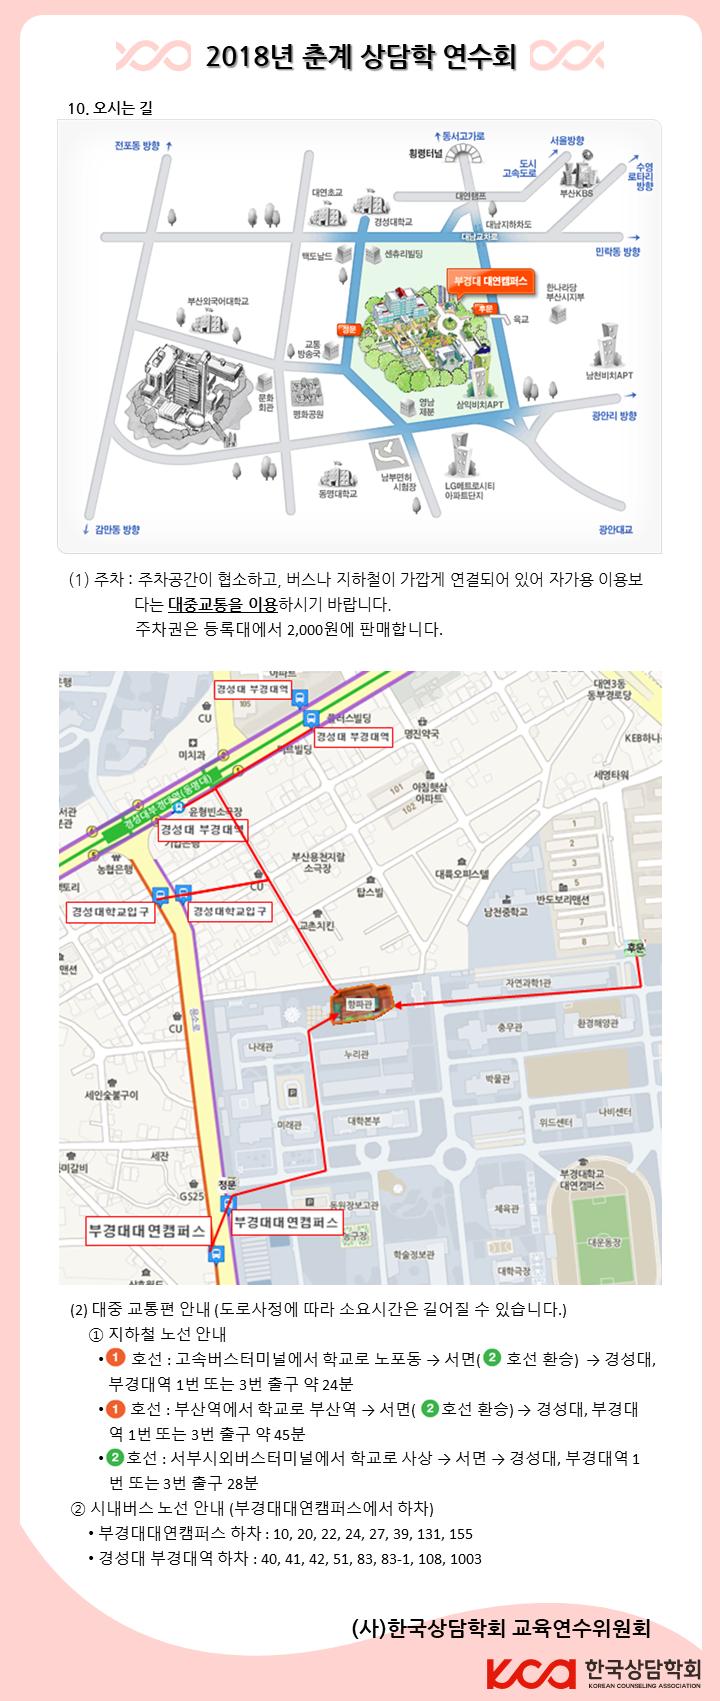 2018년 춘계 상담학 연수회(공지)오시는 길.png